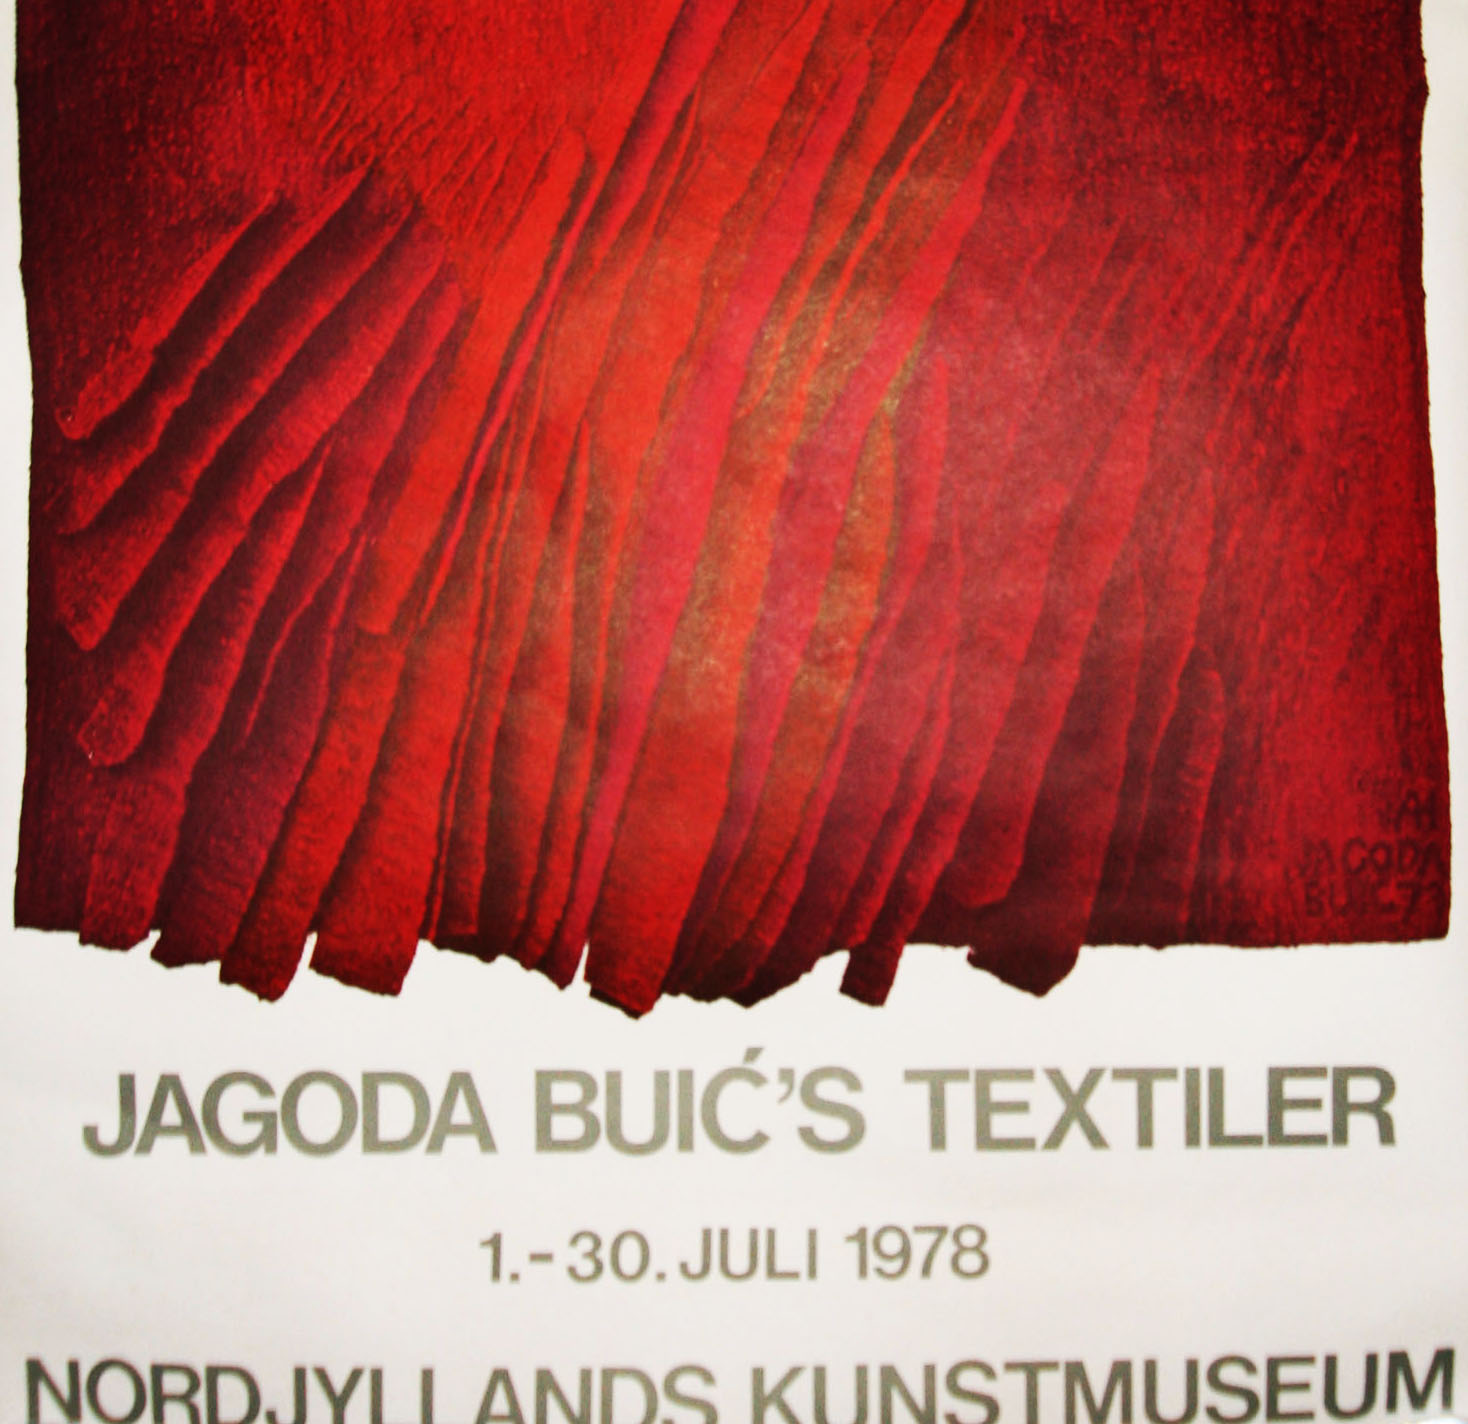 jagoda buic textiler udstillingsplakat